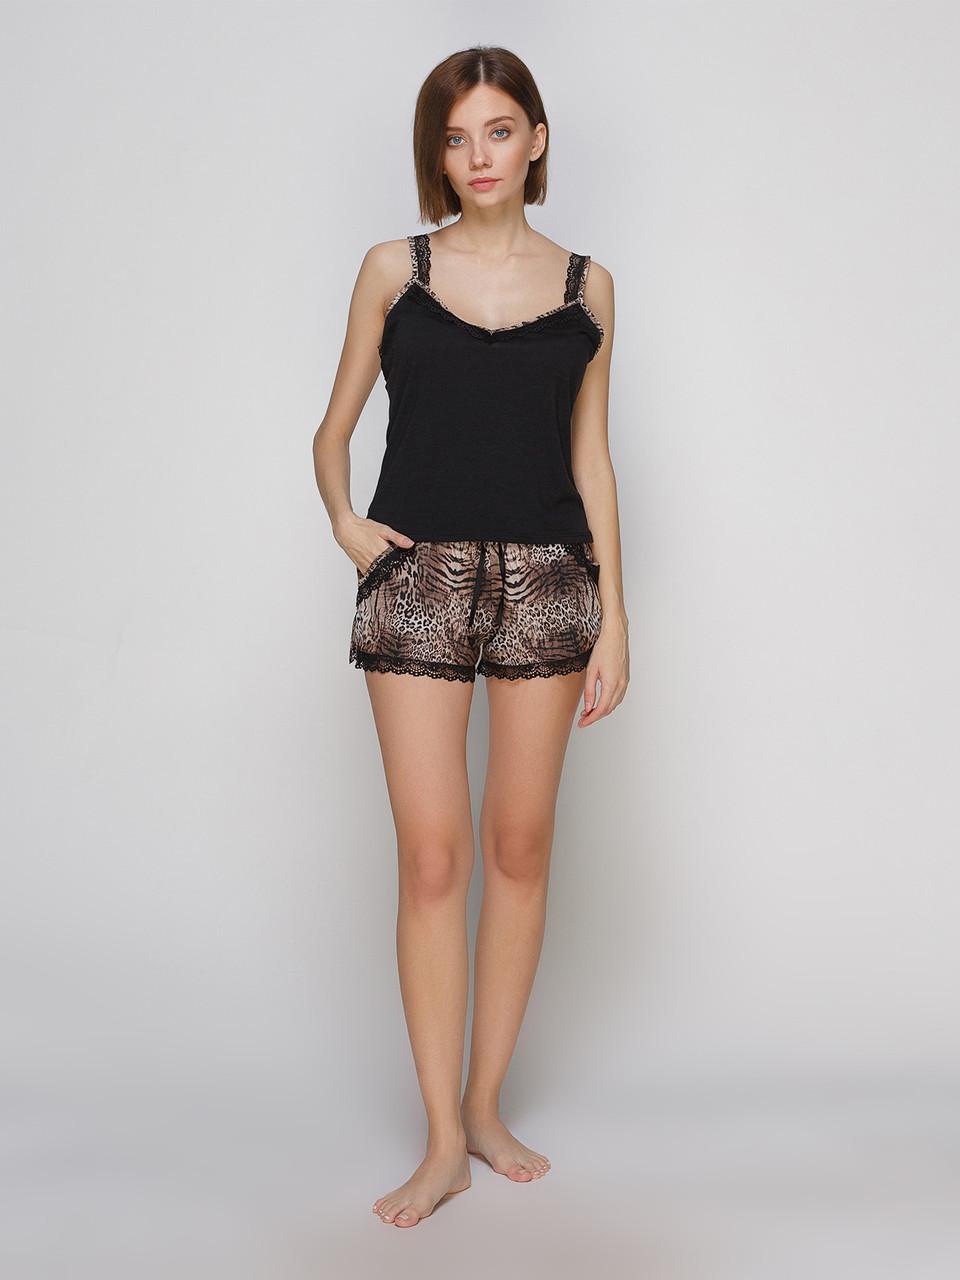 Комплект майка шорты из шелка Армани Serenade леопардовый с нежным кружевом